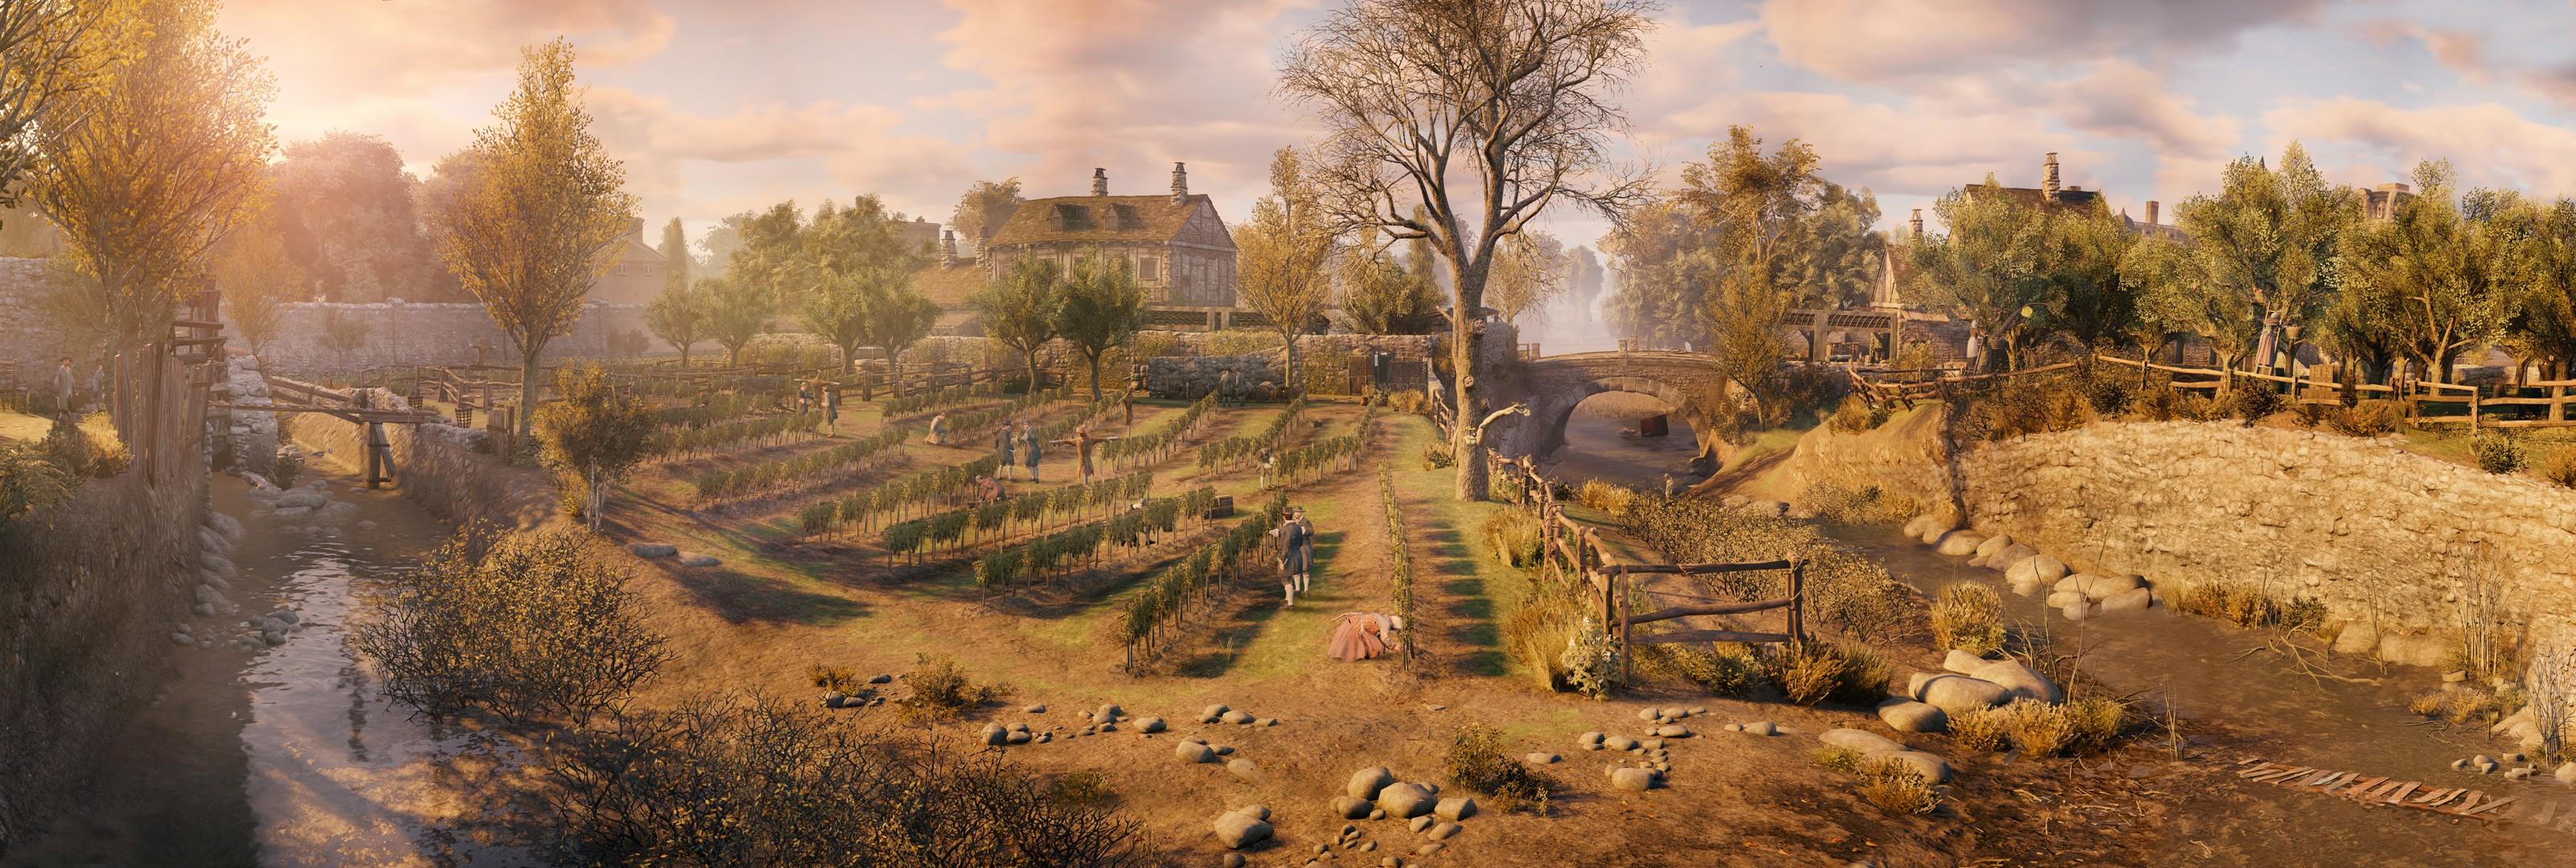 Assassin's Creed: Unity v příběhovém traileru 101193